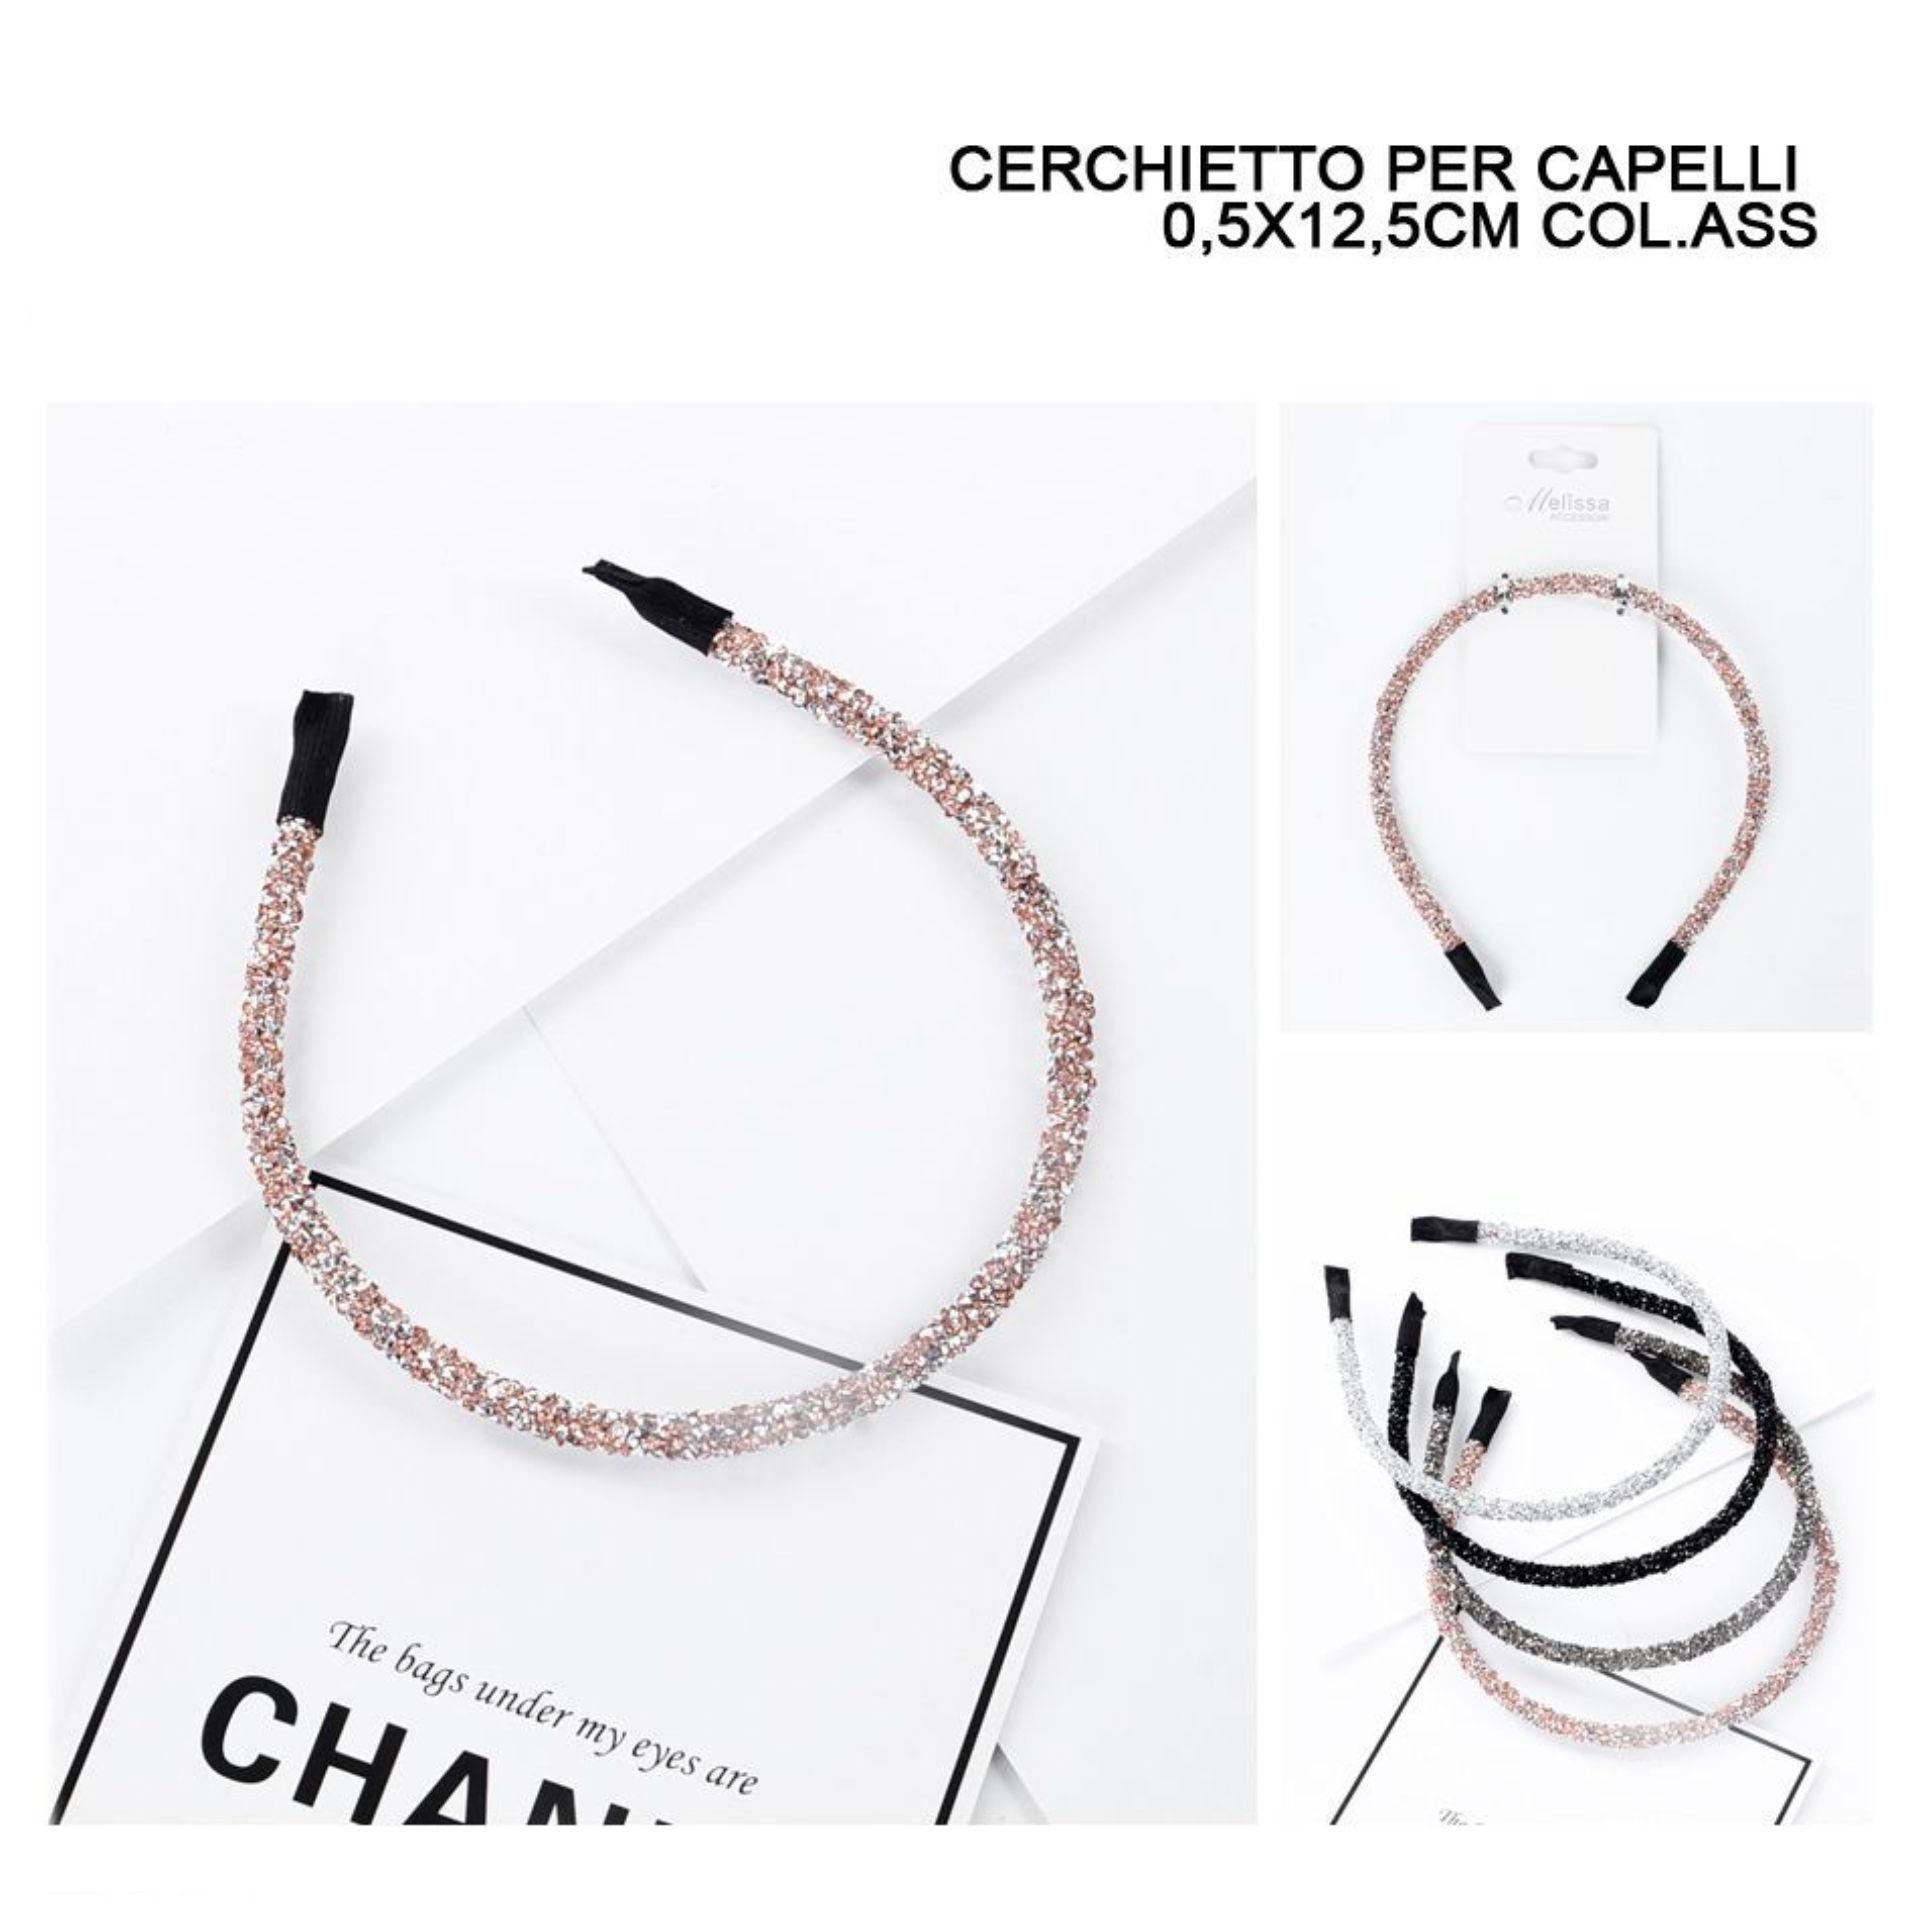 CERCHIETTO CAPELLI 0,5X12,5CM ASS.Melissa